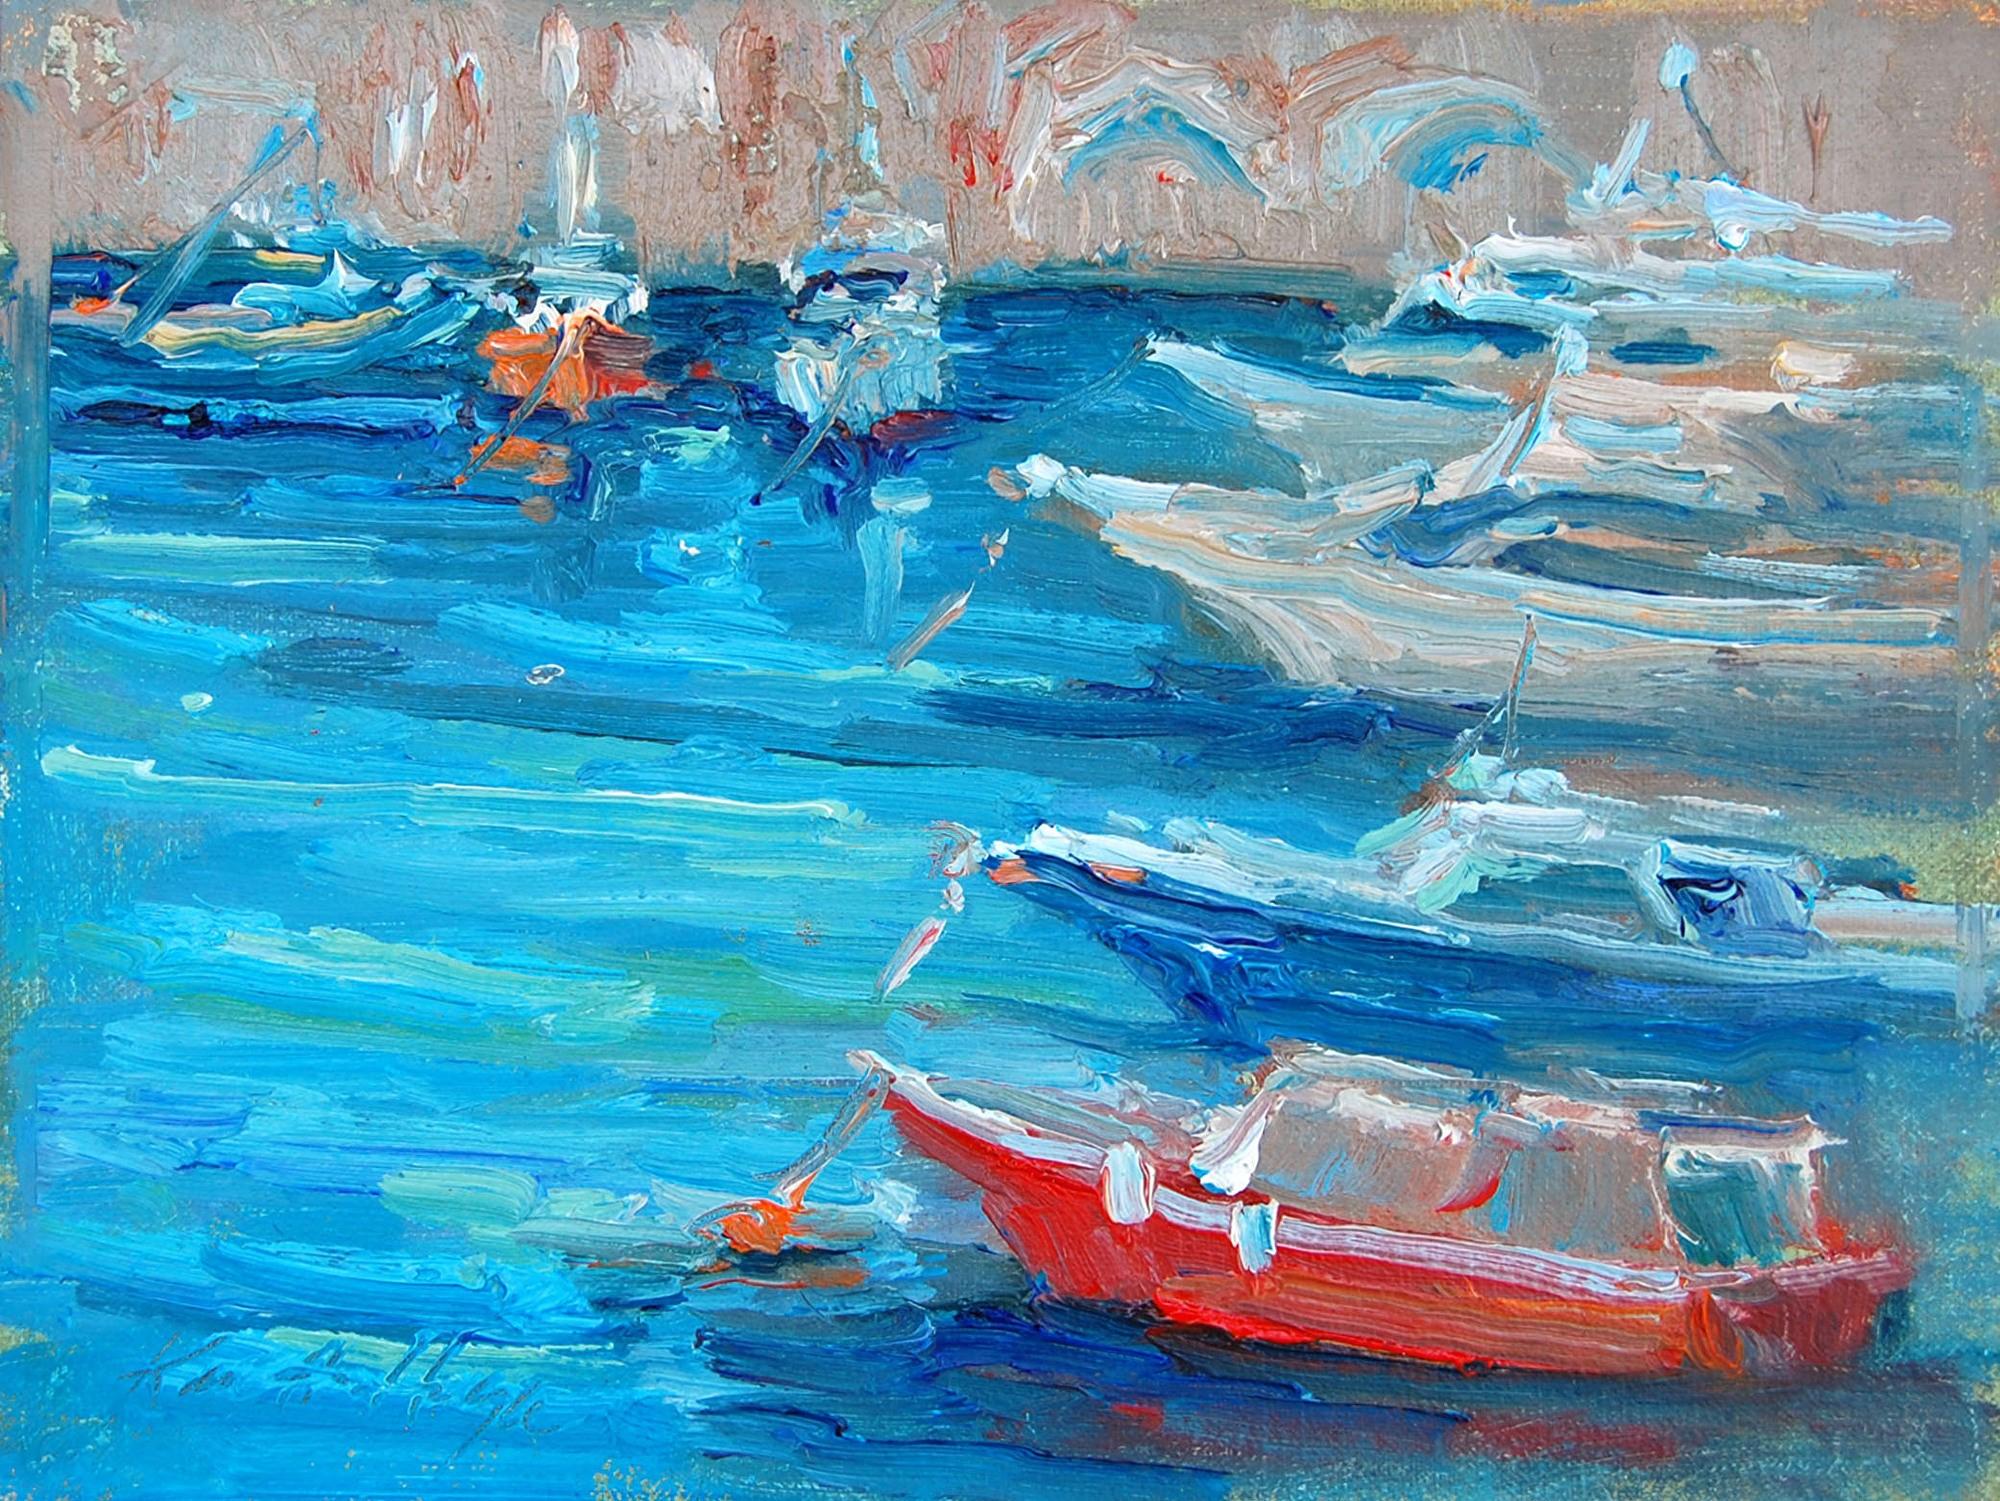 Red Boat in Amalfi by Karen Hewitt Hagan